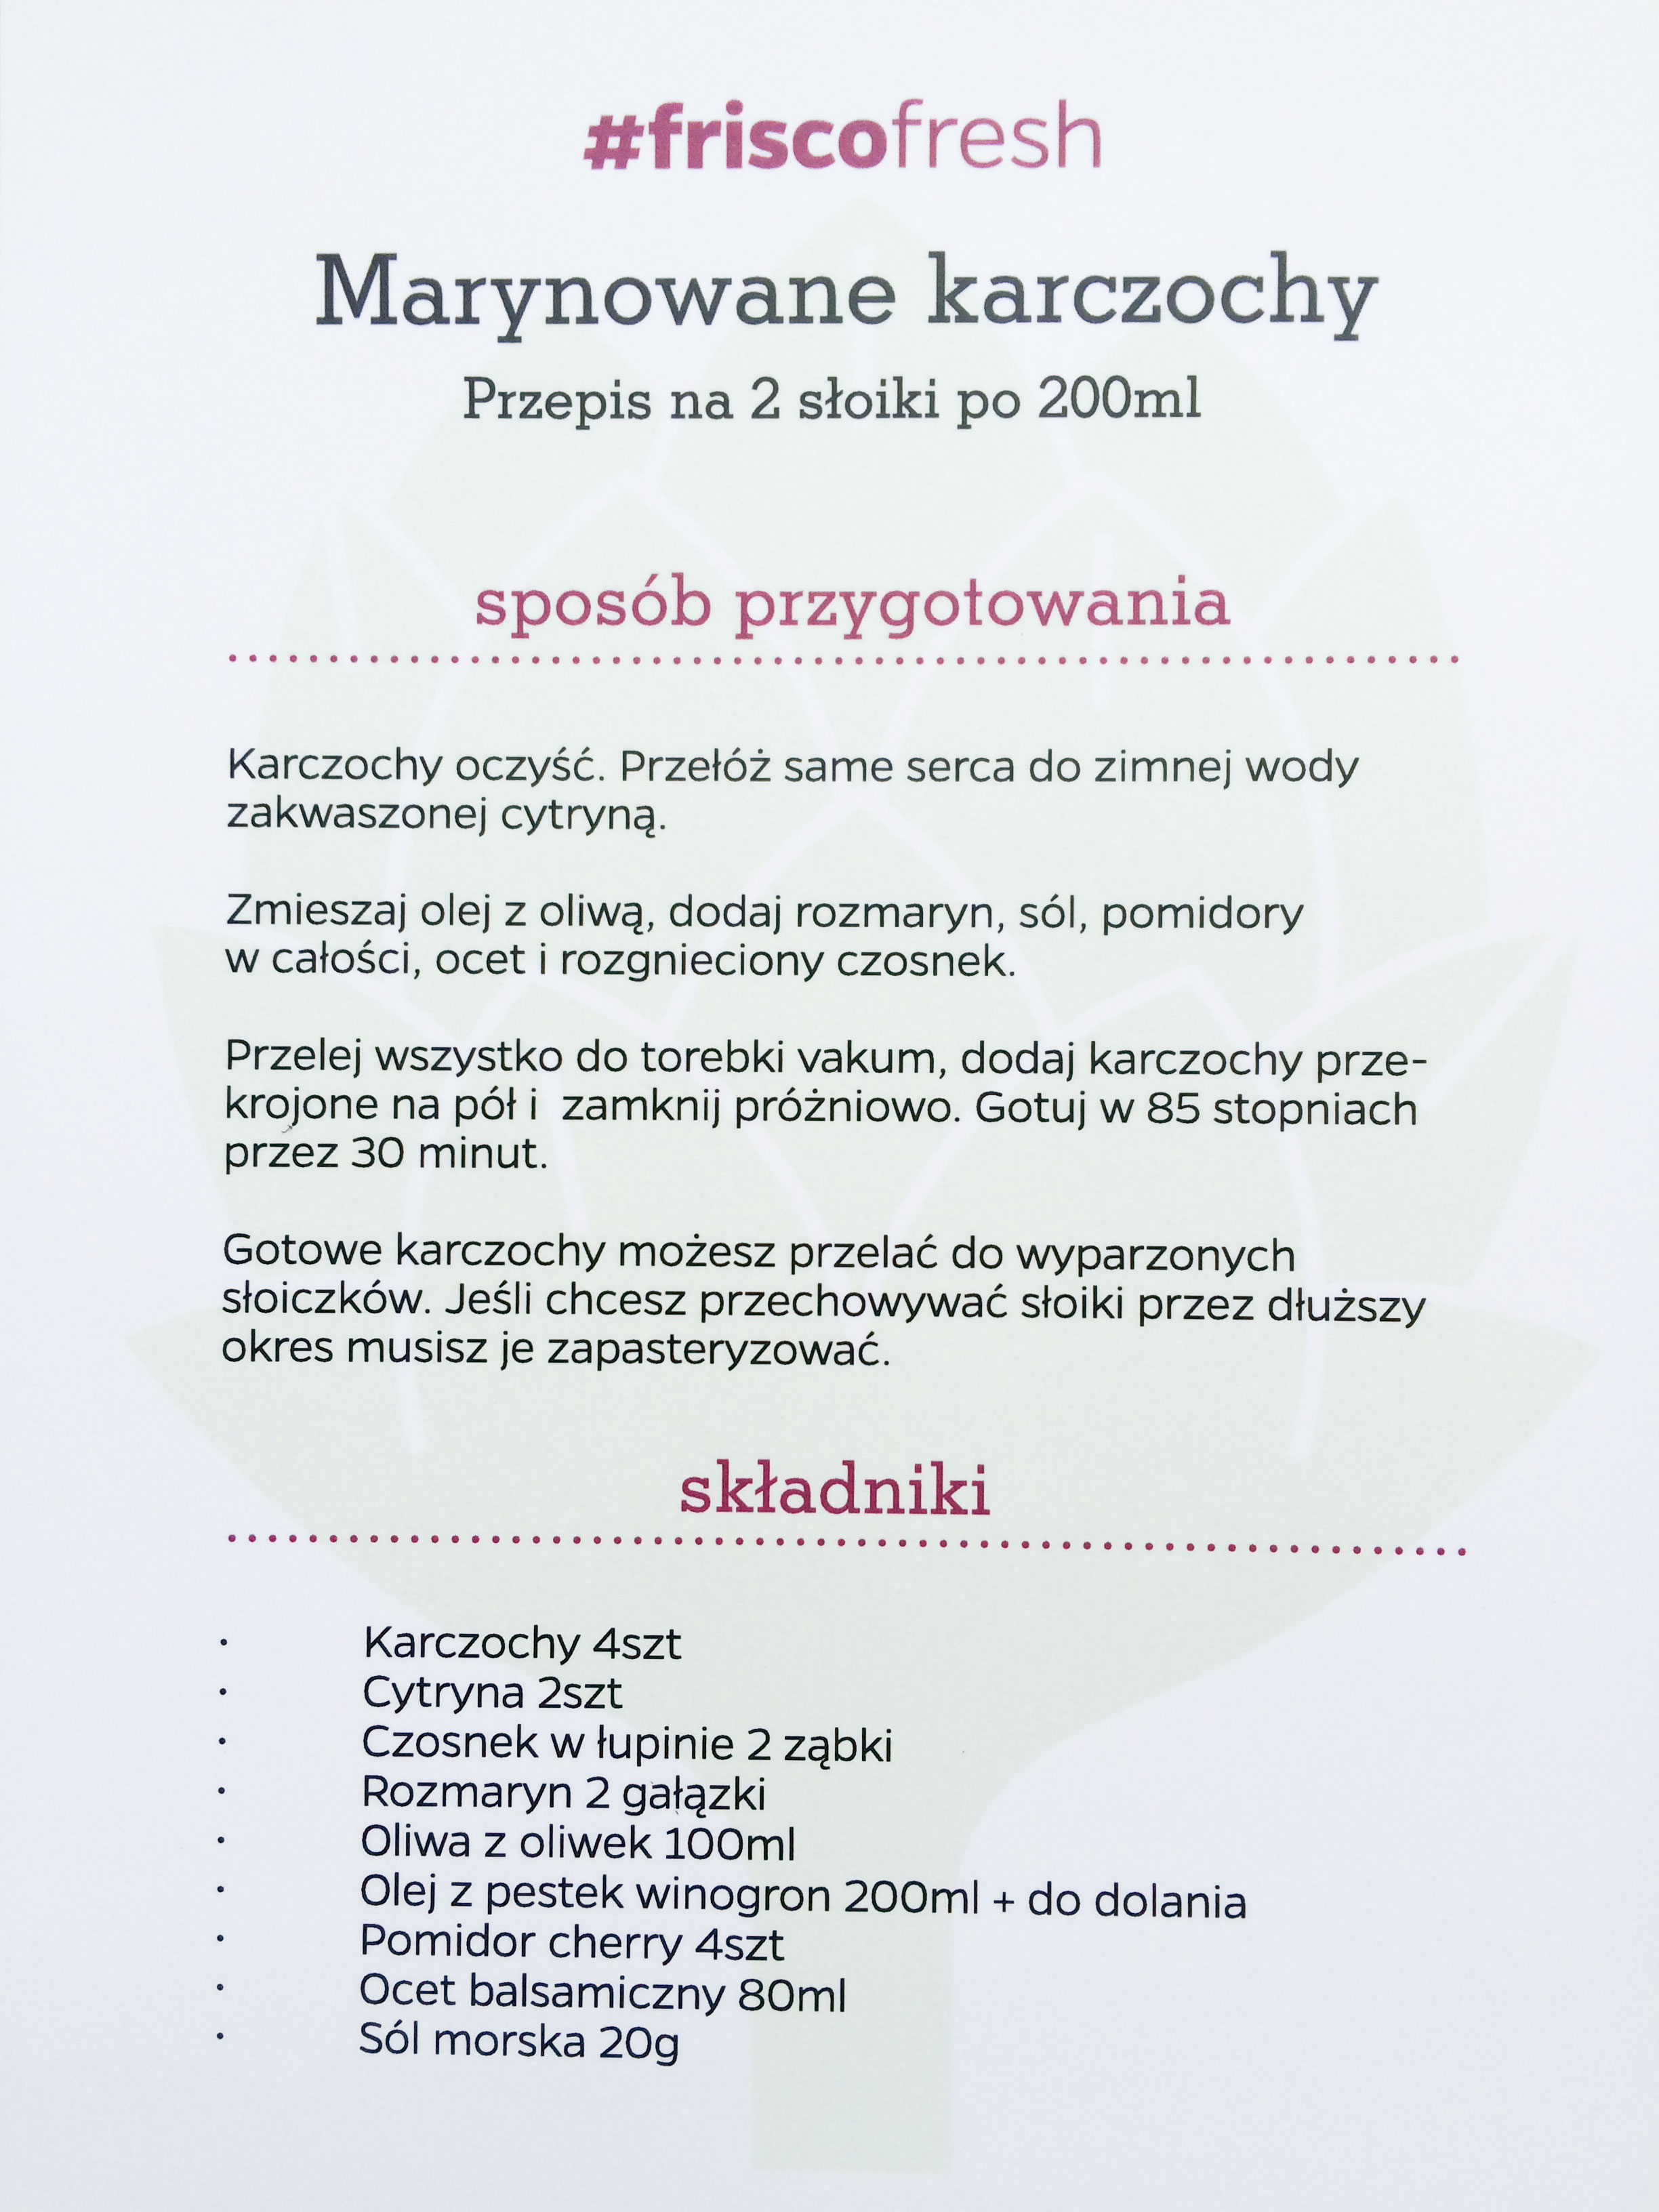 karczochy_frisco